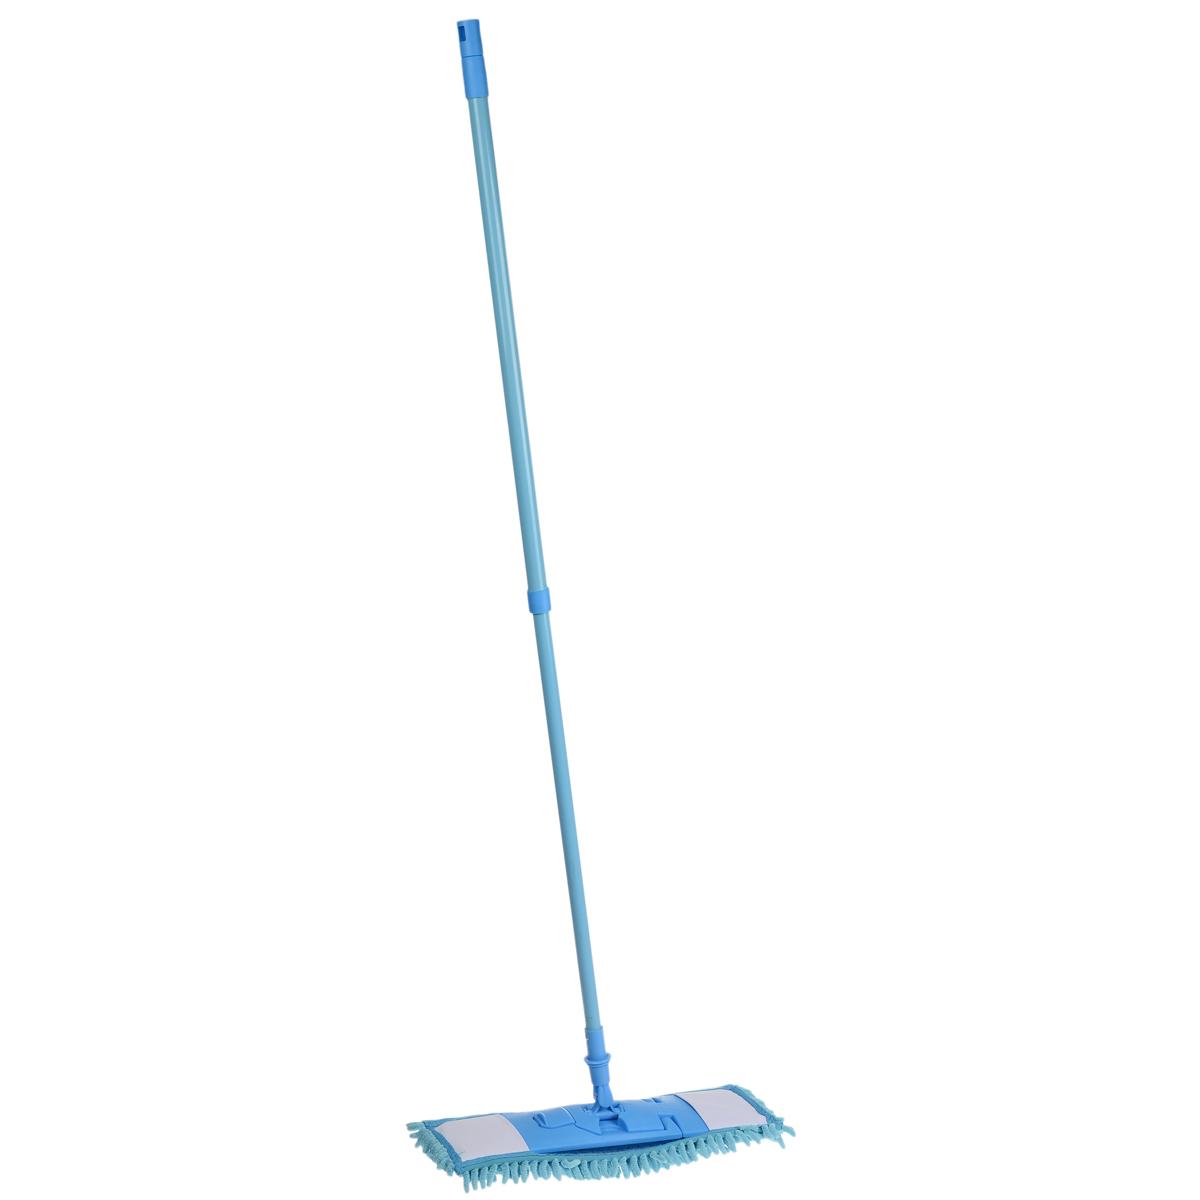 Швабра Home Queen Еврокласс с телескопической ручкой, цвет: голубой, 73-126 см870194Швабра Home Queen Еврокласс, выполненная из высококачественной стали, полипропилена, полиэстера и полиамида, идеально подходит для мытья всех типов напольных поверхностей: паркет, ламинат, линолеум, кафельная плитка. Материал насадки - шенилл (разновидность микрофибры) обладает высокой износостойкостью, не царапает поверхности и отлично впитывает влагу. Кроме того, сверхтонкое волокно микрофибры состоит из двух полимеров, соединенных в одну нить. Один из полимеров обладает свойством притягивать жирные и маслянистые вещества, таким образом, масло и жир прилипают непосредственно к волокнам насадки, что позволяет во многих случаях не использовать при уборке чистящие средства. Благодаря своей структуре, шенилловая насадка отлично моет углы. Телескопический механизм ручки позволяет выбрать необходимую вам длину, а также сэкономить место при хранении. Насадку можно стирать вручную или в стиральной машине с мягким моющим средством без использования кондиционера и отбеливателя, при температуре 30-40°С без кипячения.Длина ручки: 73-126 см.Размер насадки: 43 х 16 х 3 см.